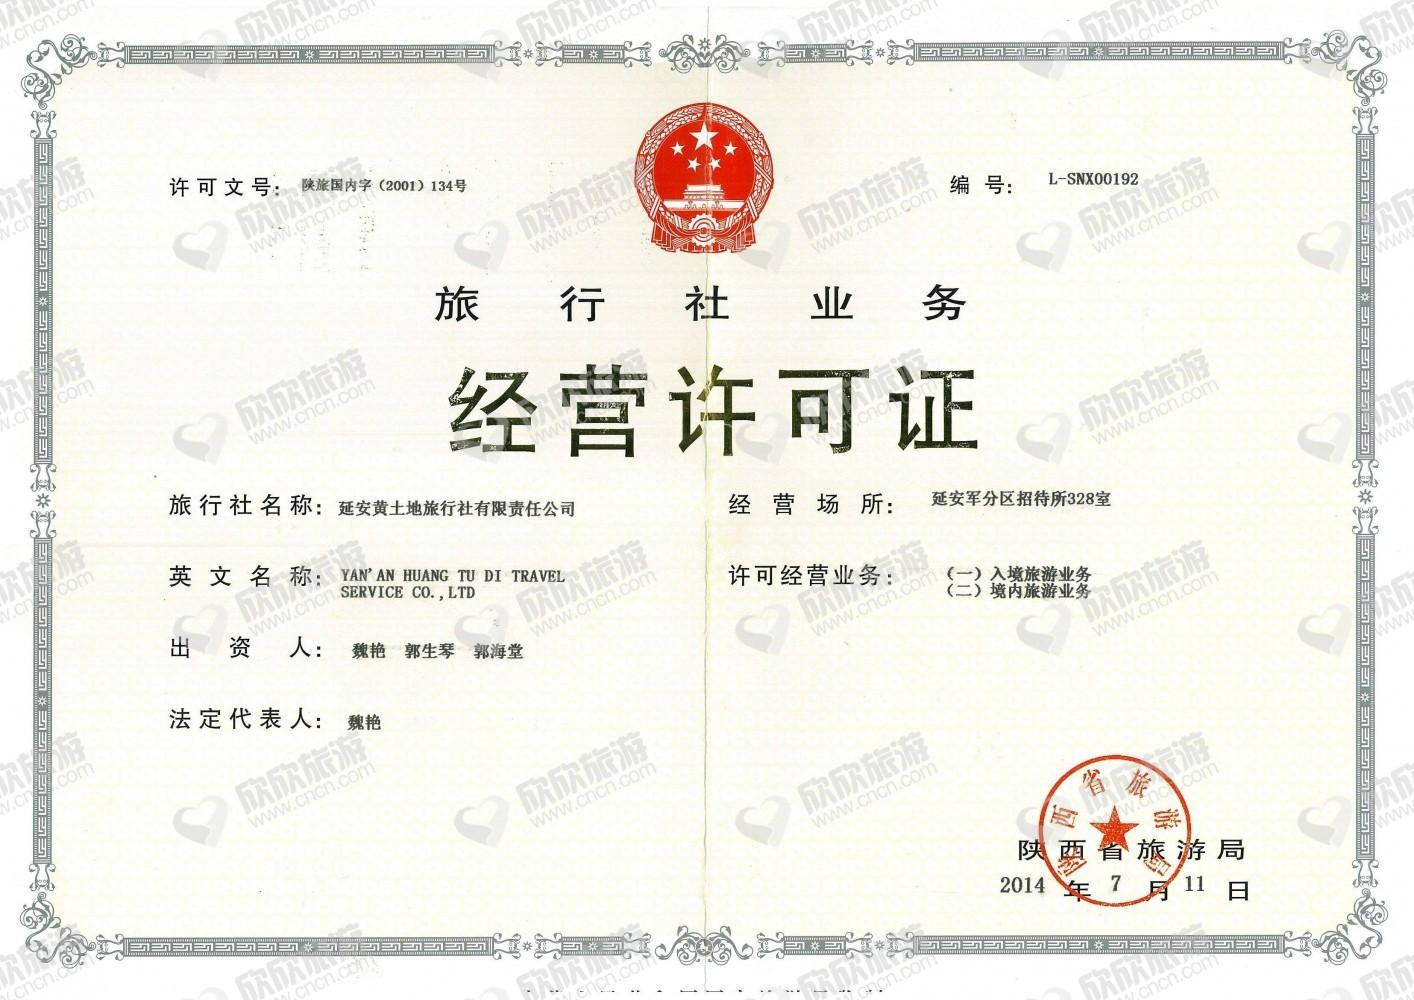 延安黄土地旅行社有限责任公司经营许可证